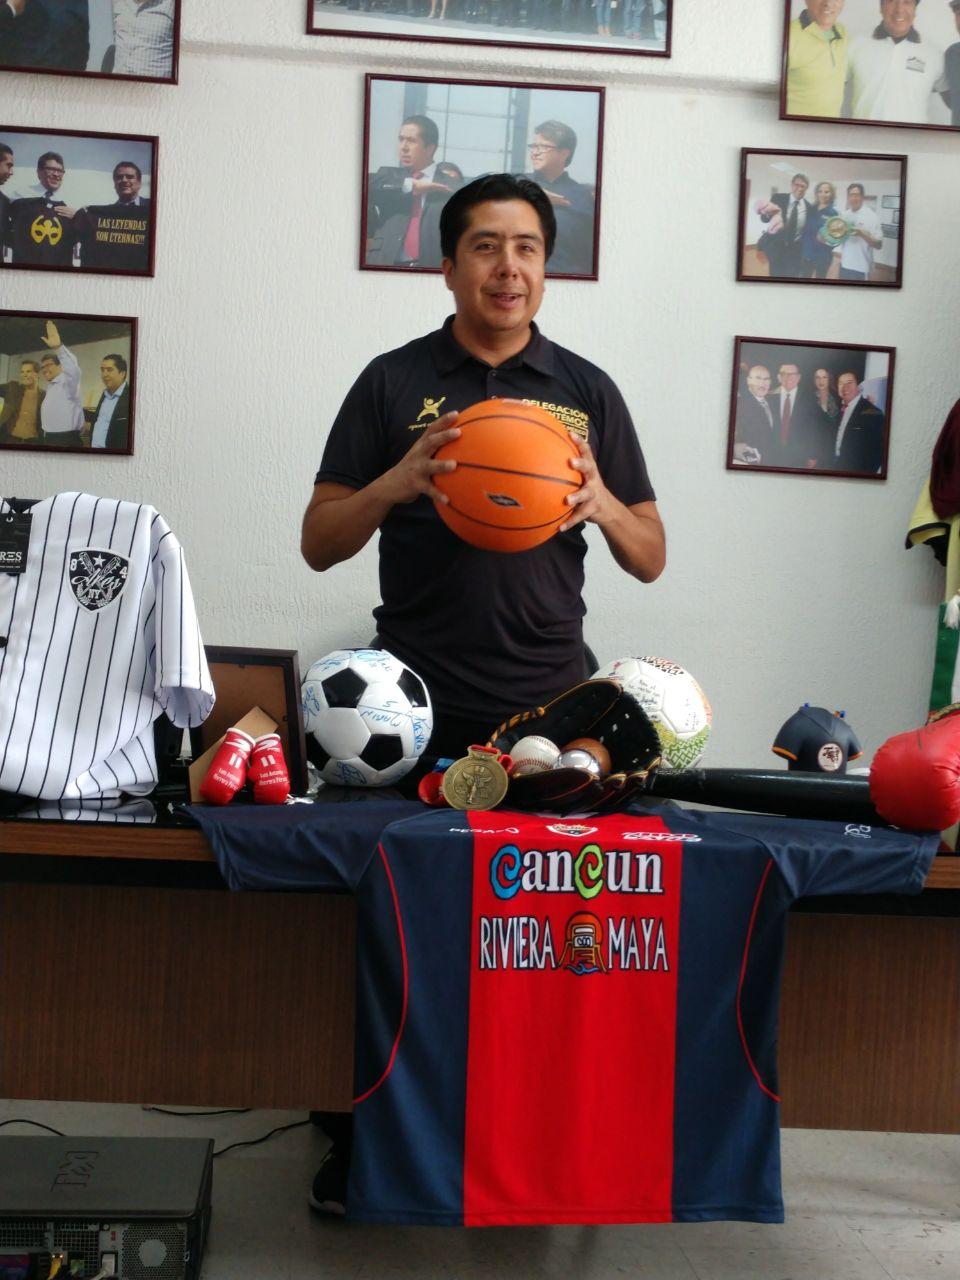 Lic. Héctor García Antonio subdirector de deporte  en la Delegación Cuauhtémoc 4